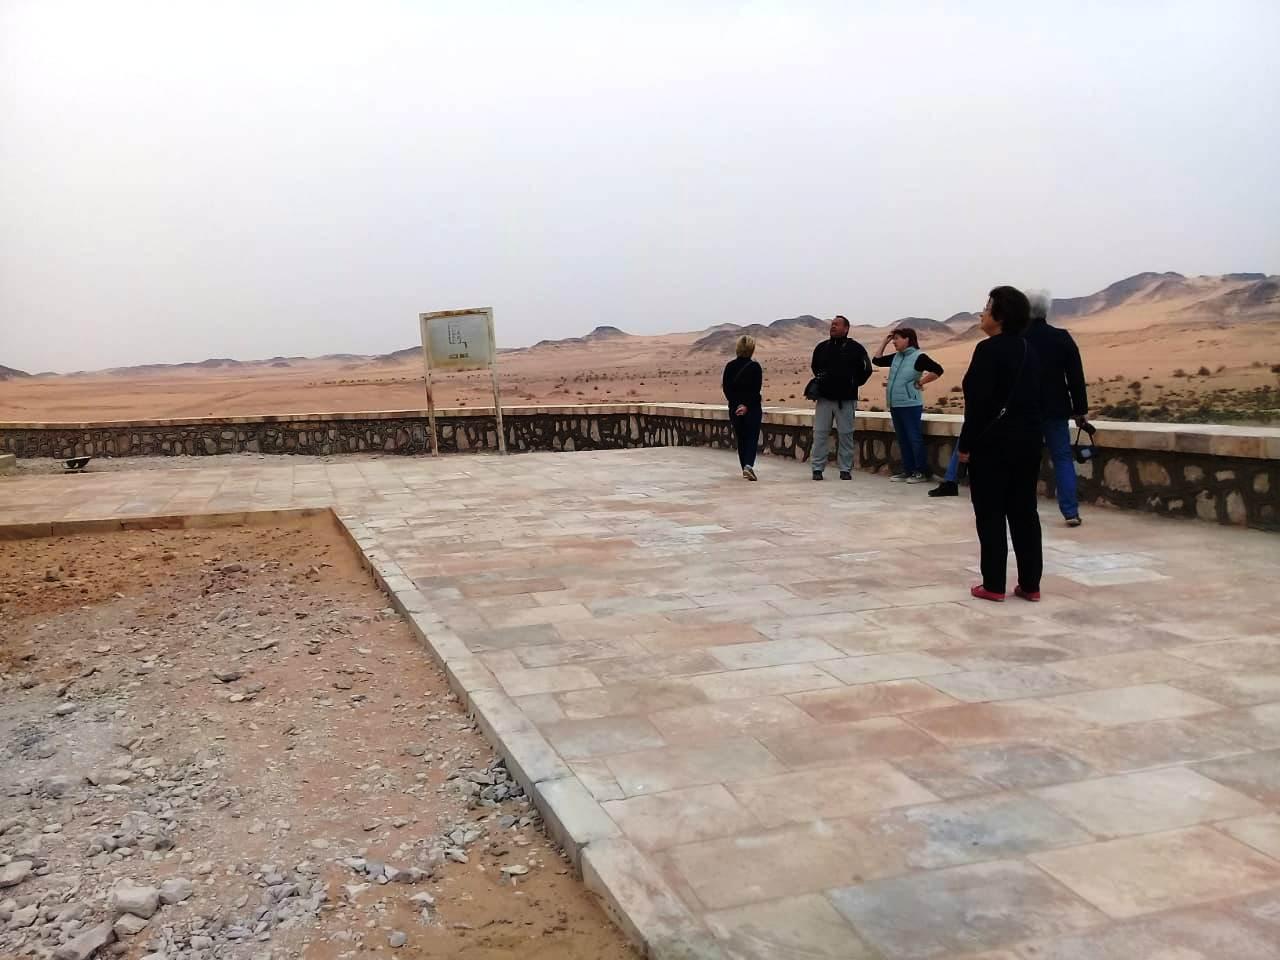 معبد الدكة قبل خطة التطوير وبعد الانتهاء من جزء منها (2)